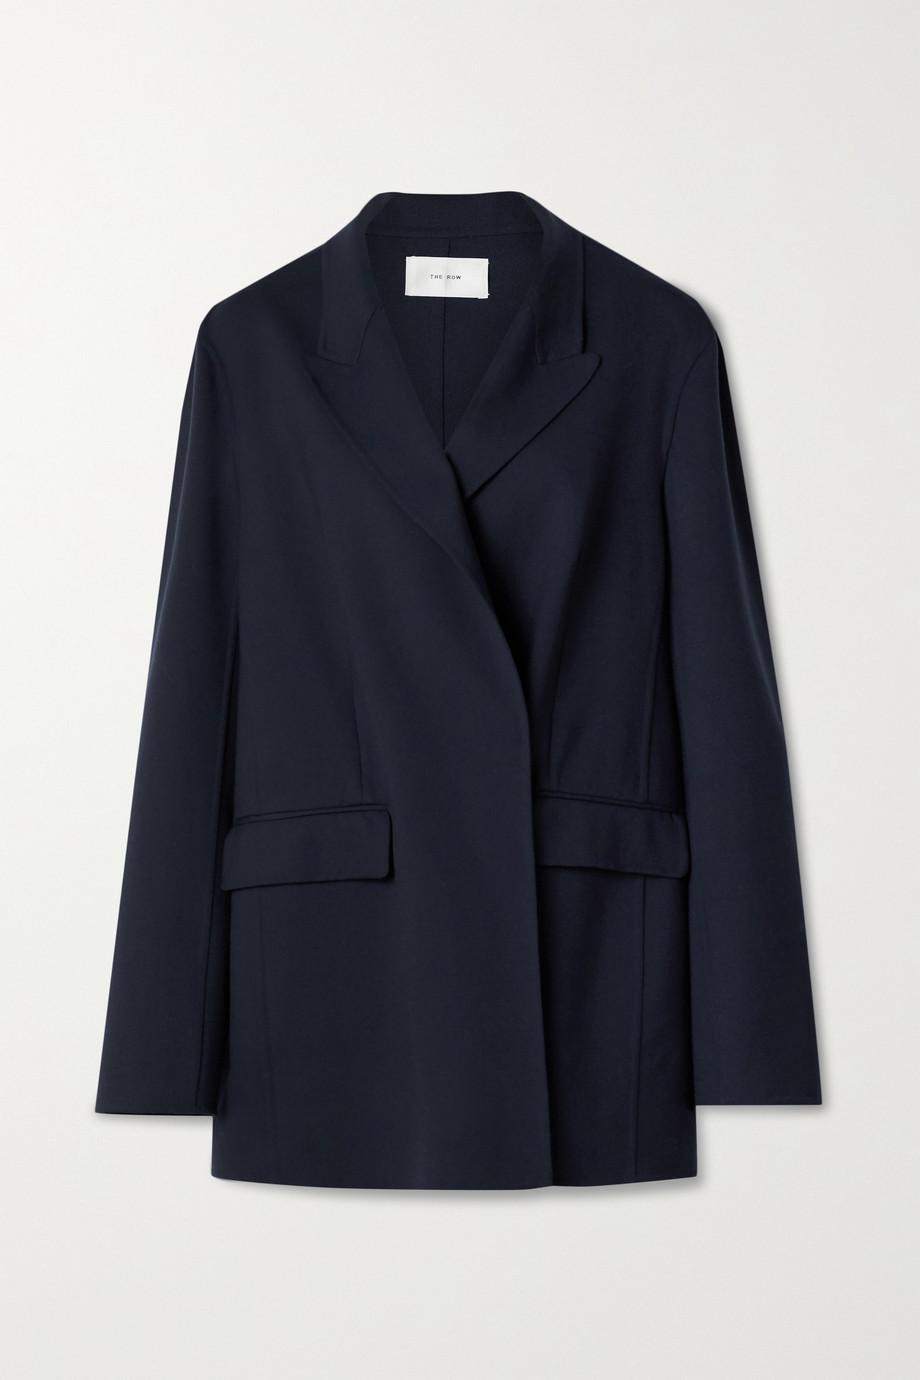 The Row Tristan doppelreihige Jacke aus einer Wollmischung